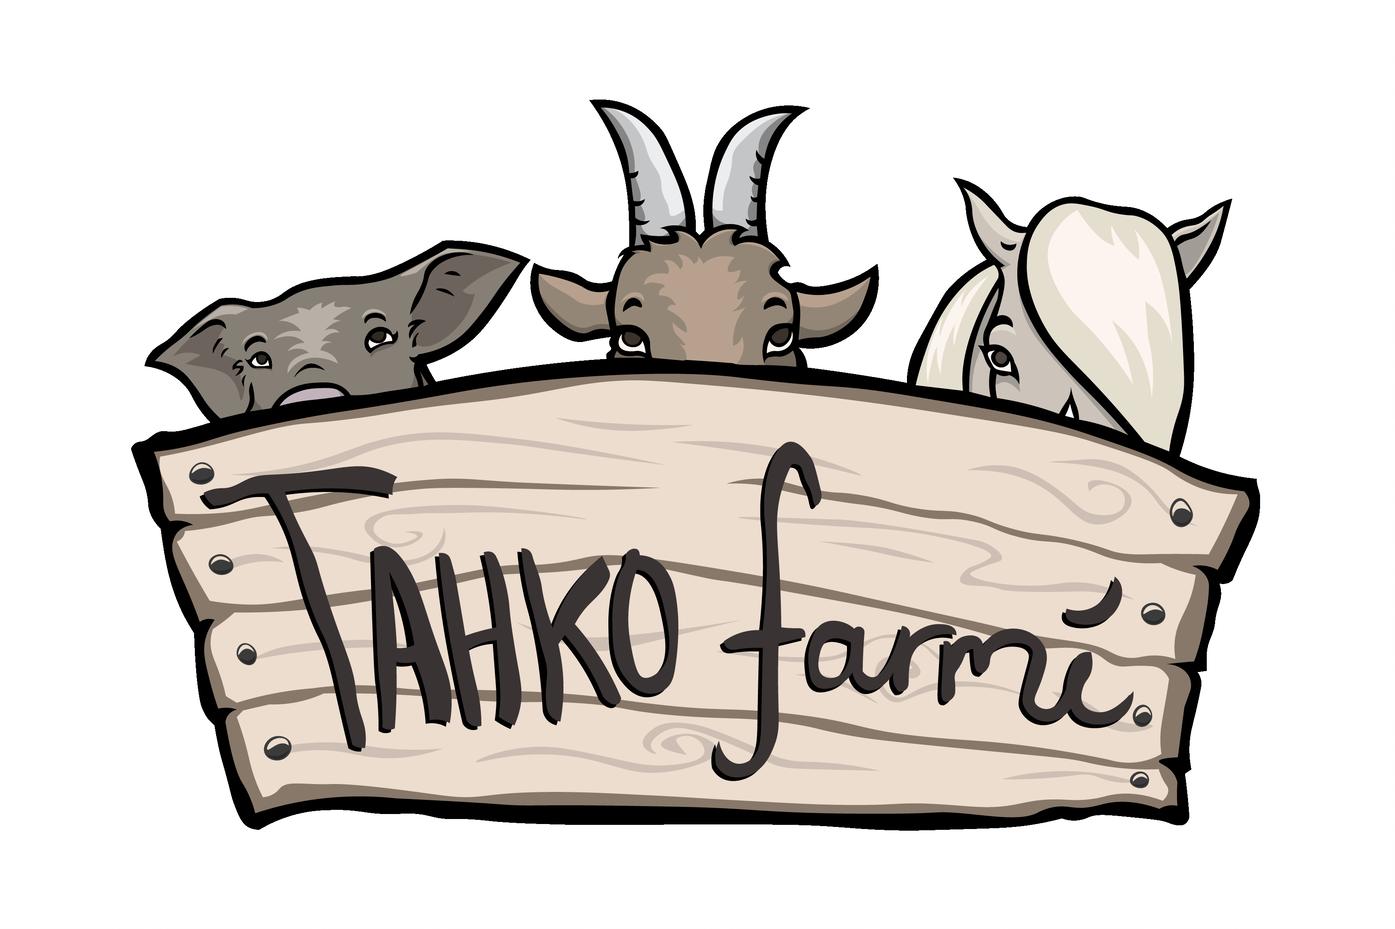 Tahko Farmi Oy